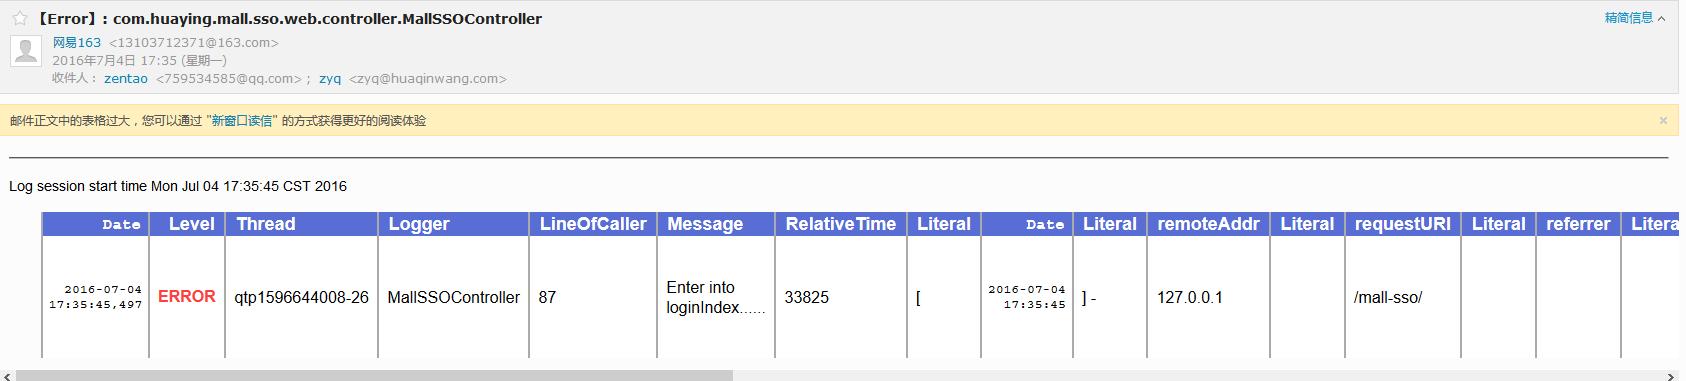 163邮箱显示效果